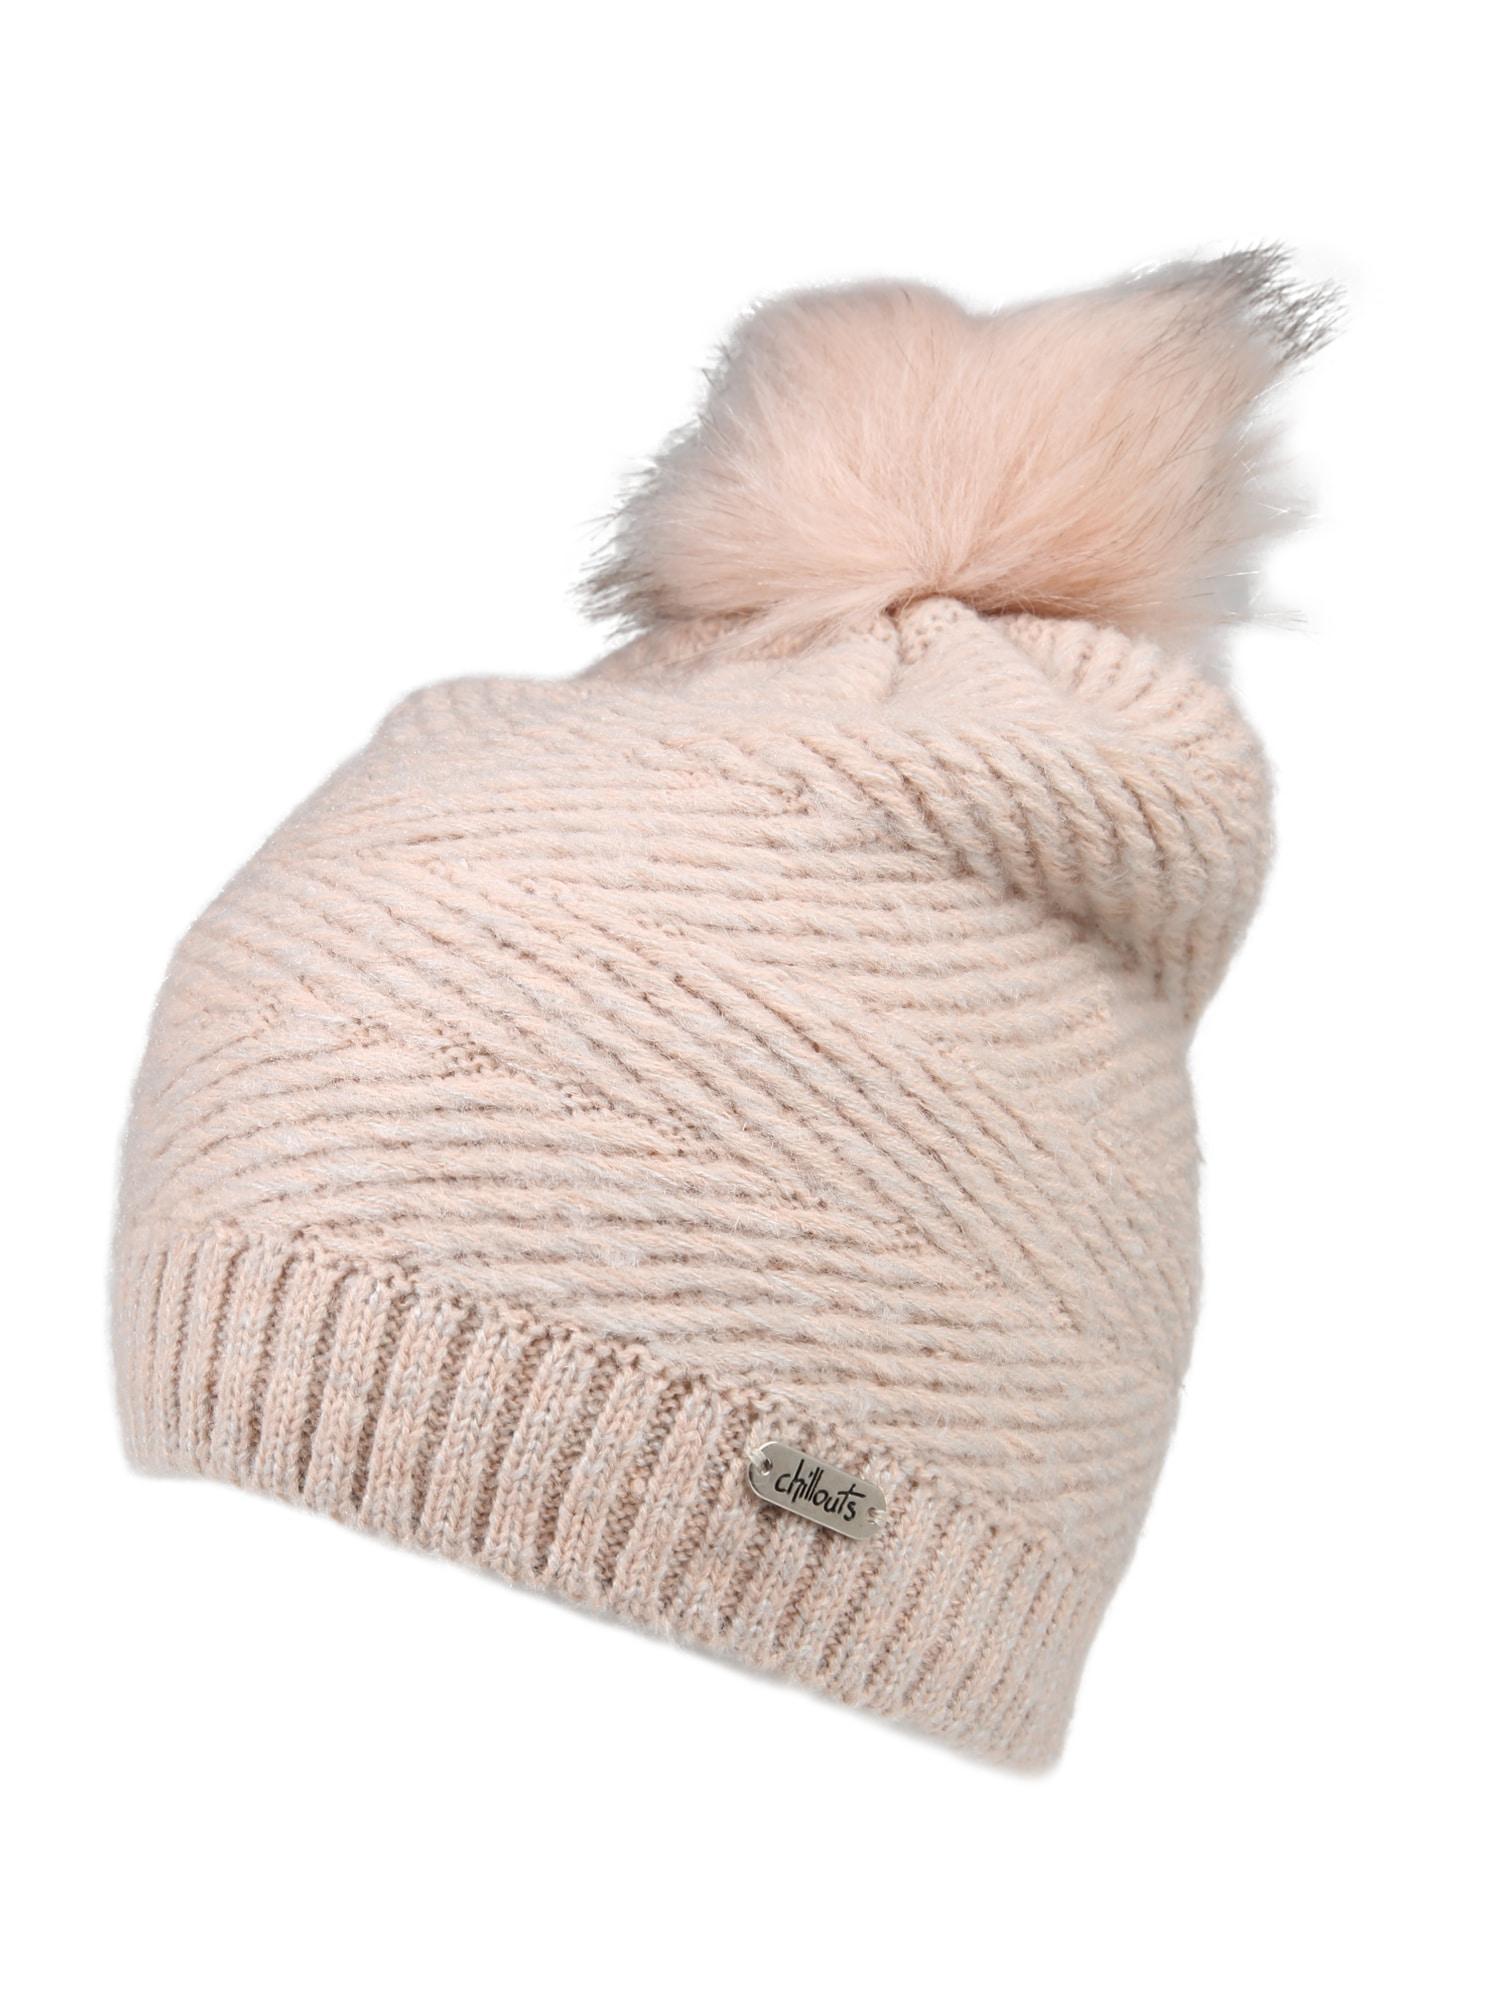 Čepice Colette růžová Chillouts